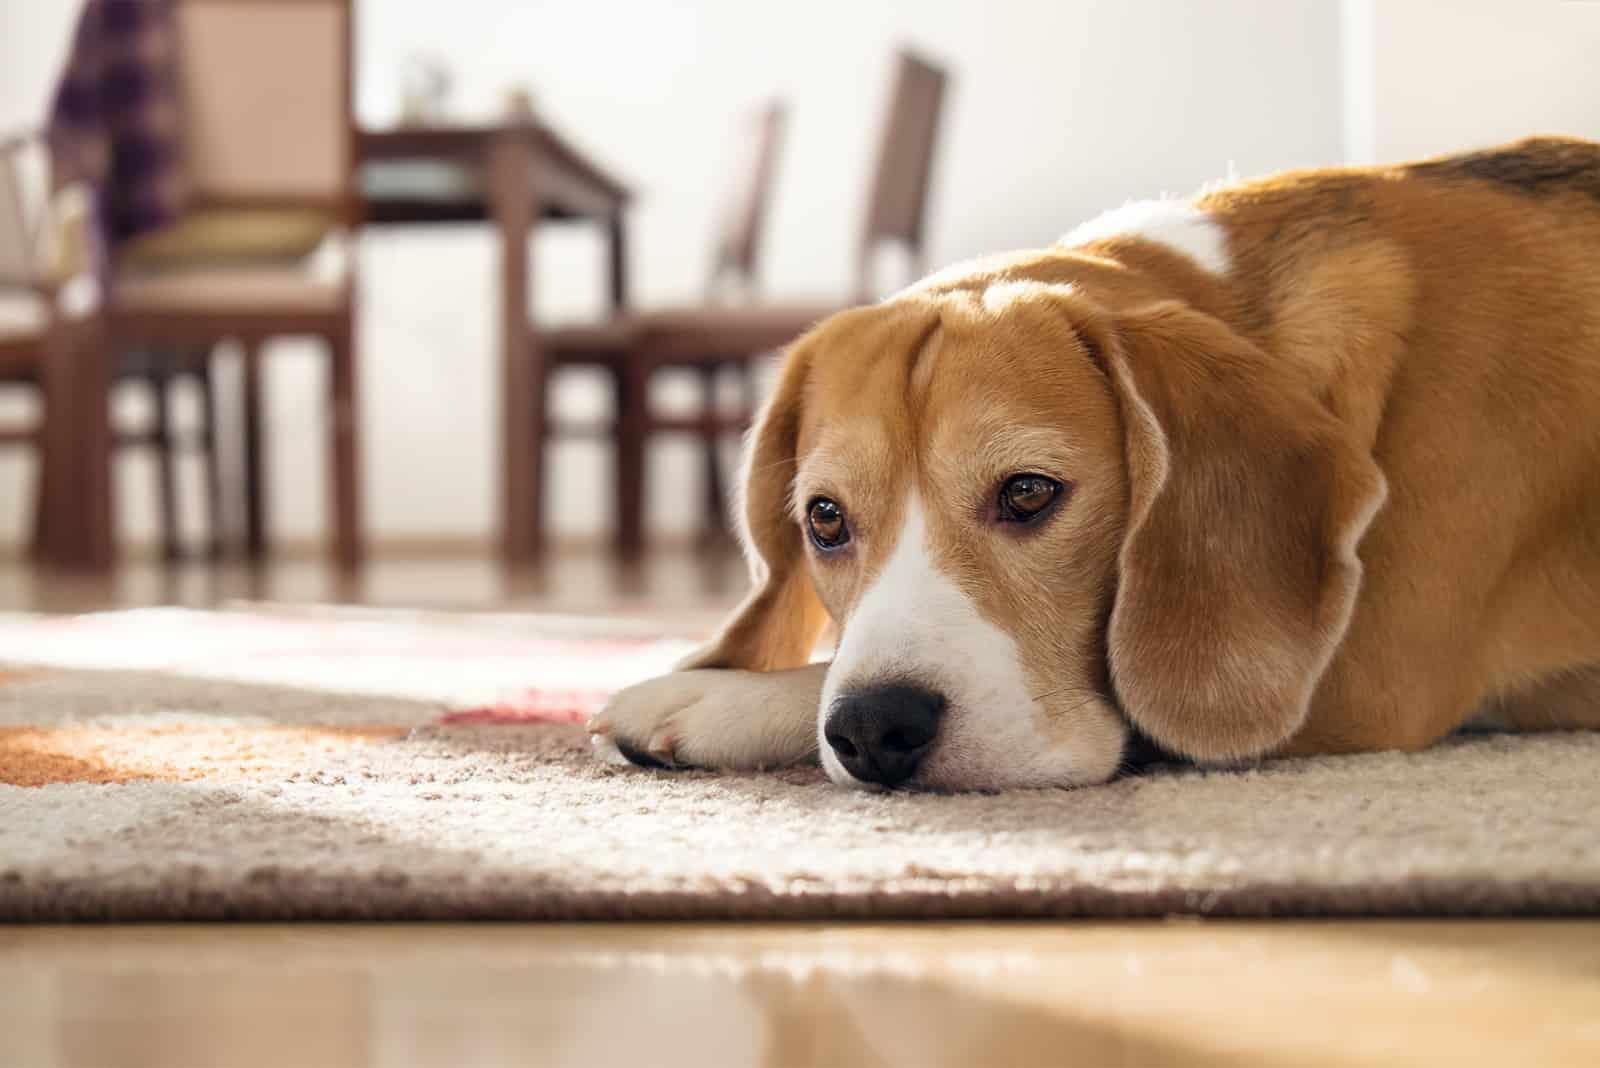 Hund liegt auf Teppich in gemütlichem Zuhause